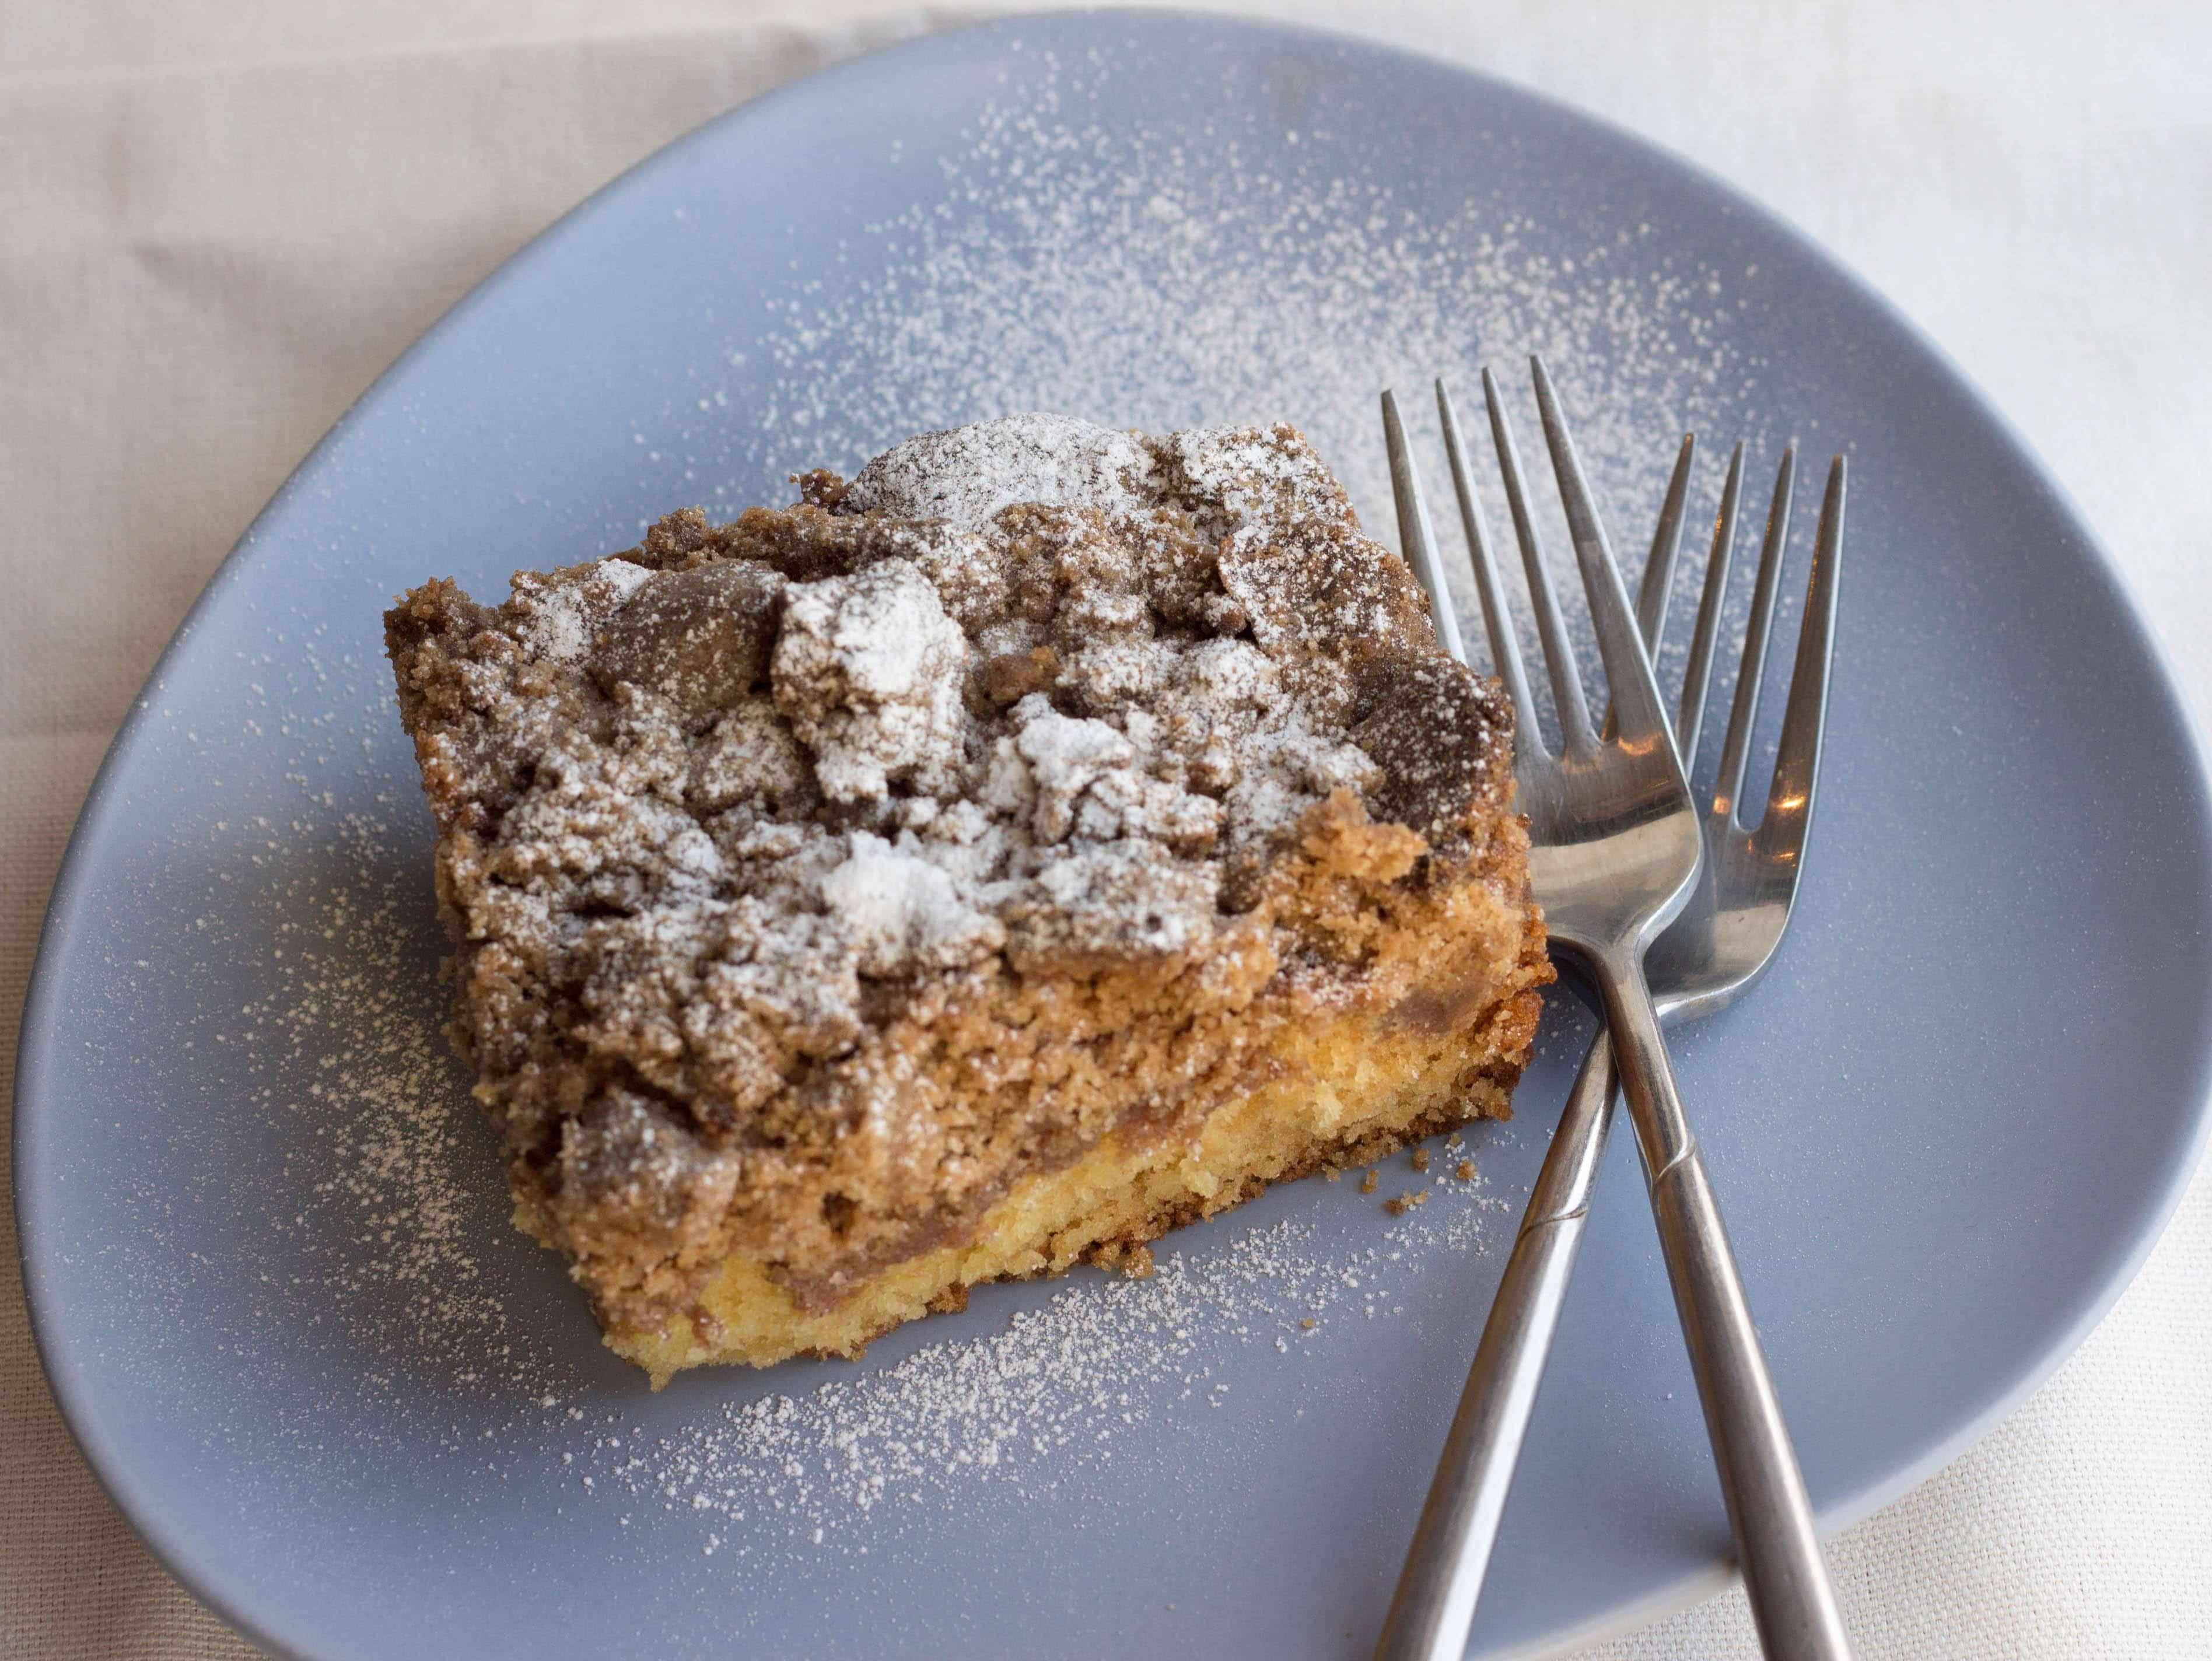 NJ Crumb Coffee Cake